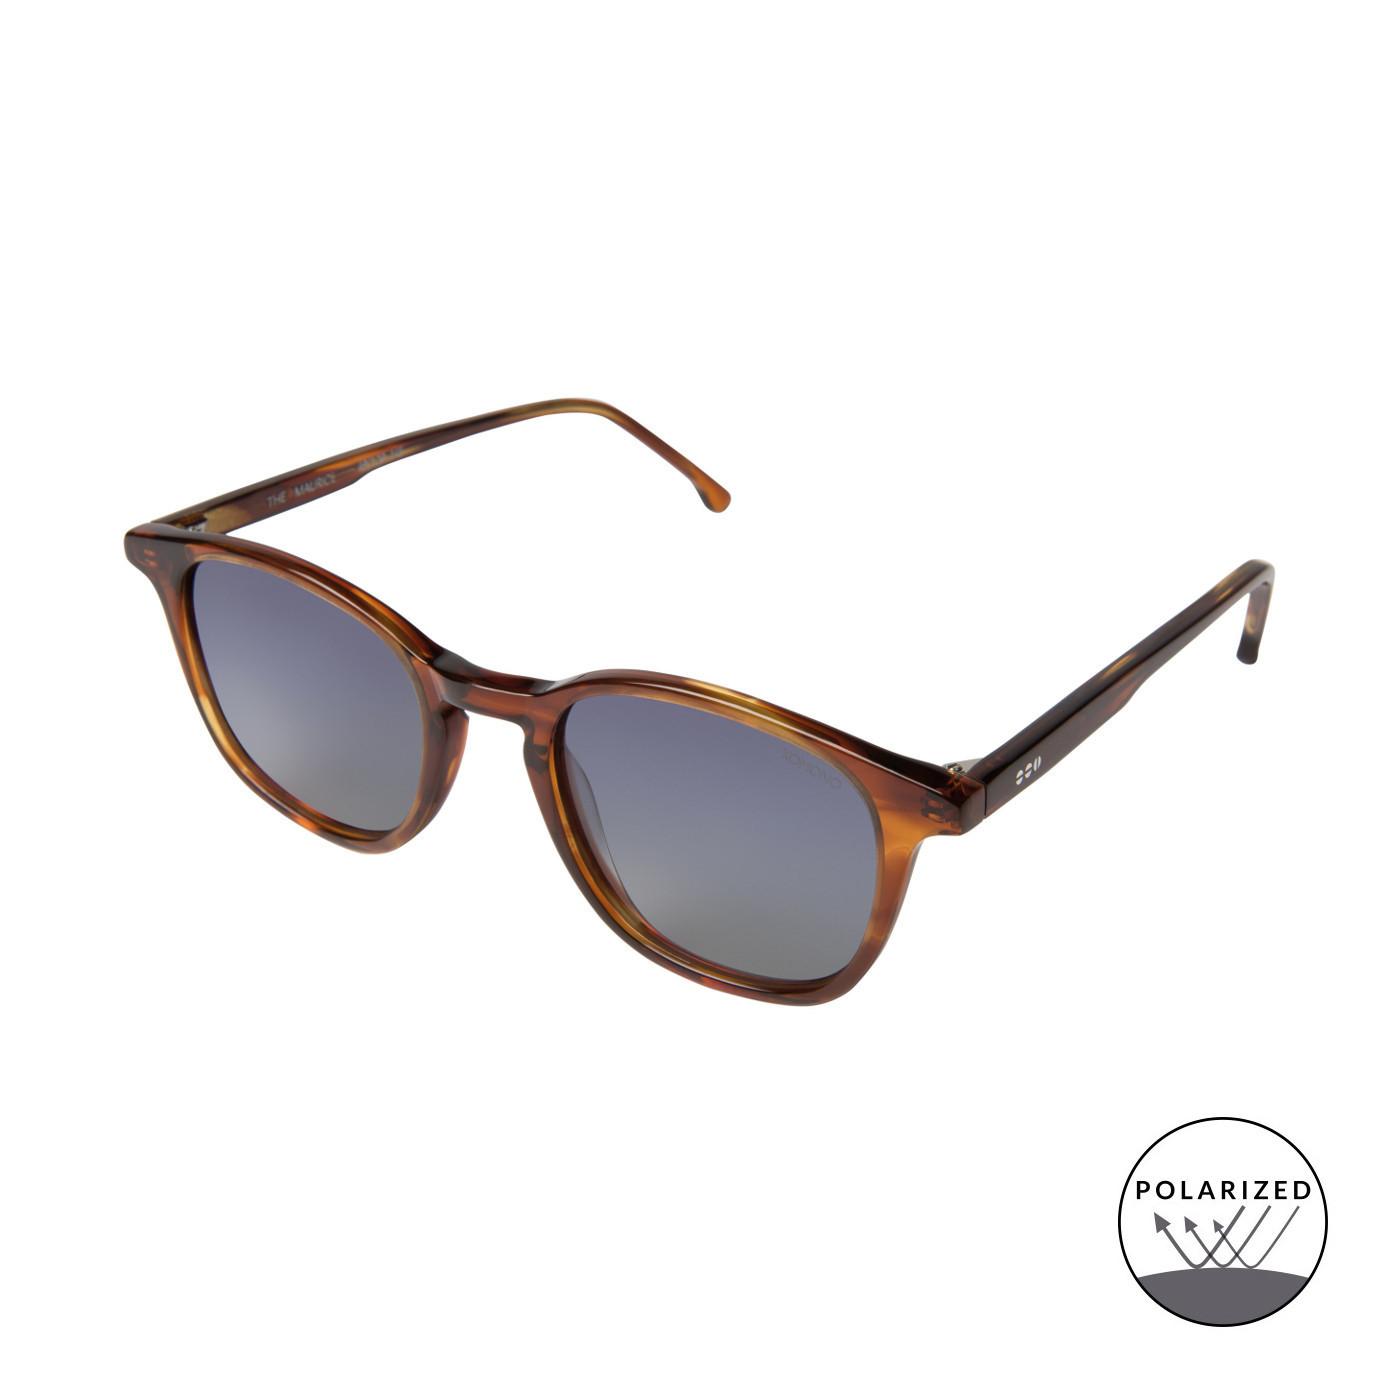 fbaf110ebd9 Komono Maurice Bourbon Polarized Sunglasses KOM-S4151 - Sunglasses